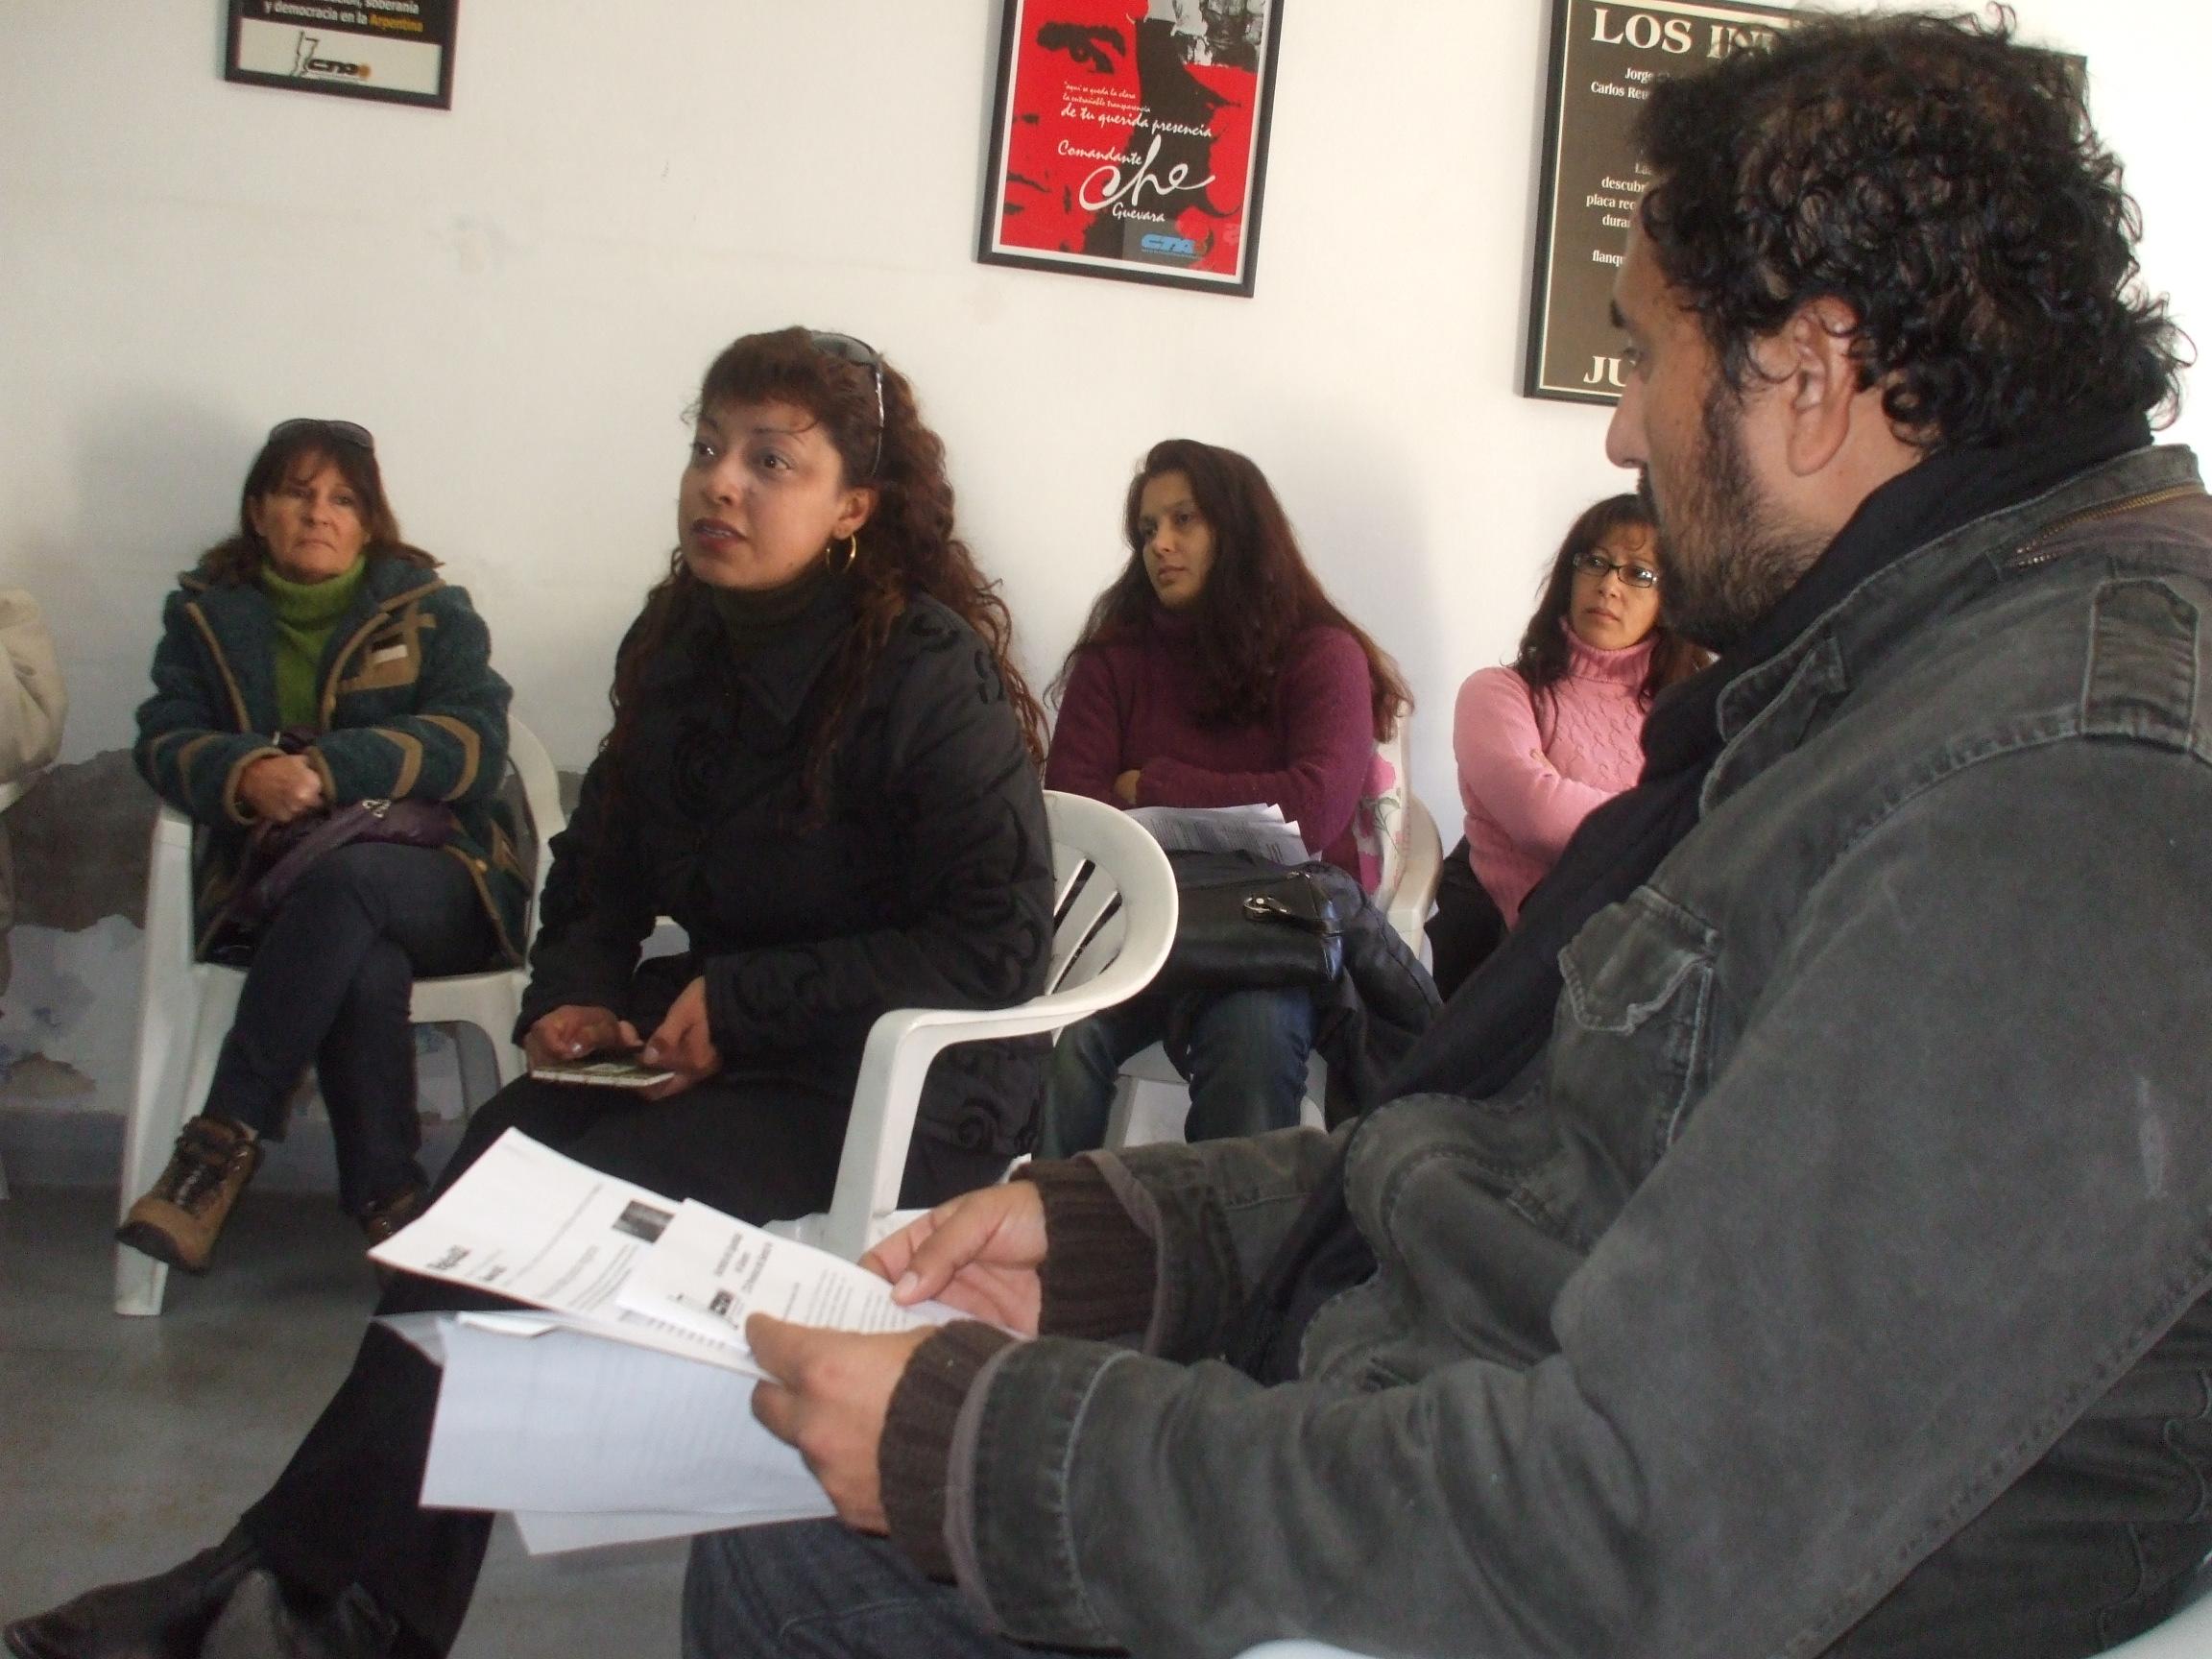 Mirta Tejerina y Diego Cardozo, Secretario General CTA Mesa local Santa Fe, junto a compañeras trabajadoras de la educación, del Estado y de territorio, debatieron sobre violencia de género